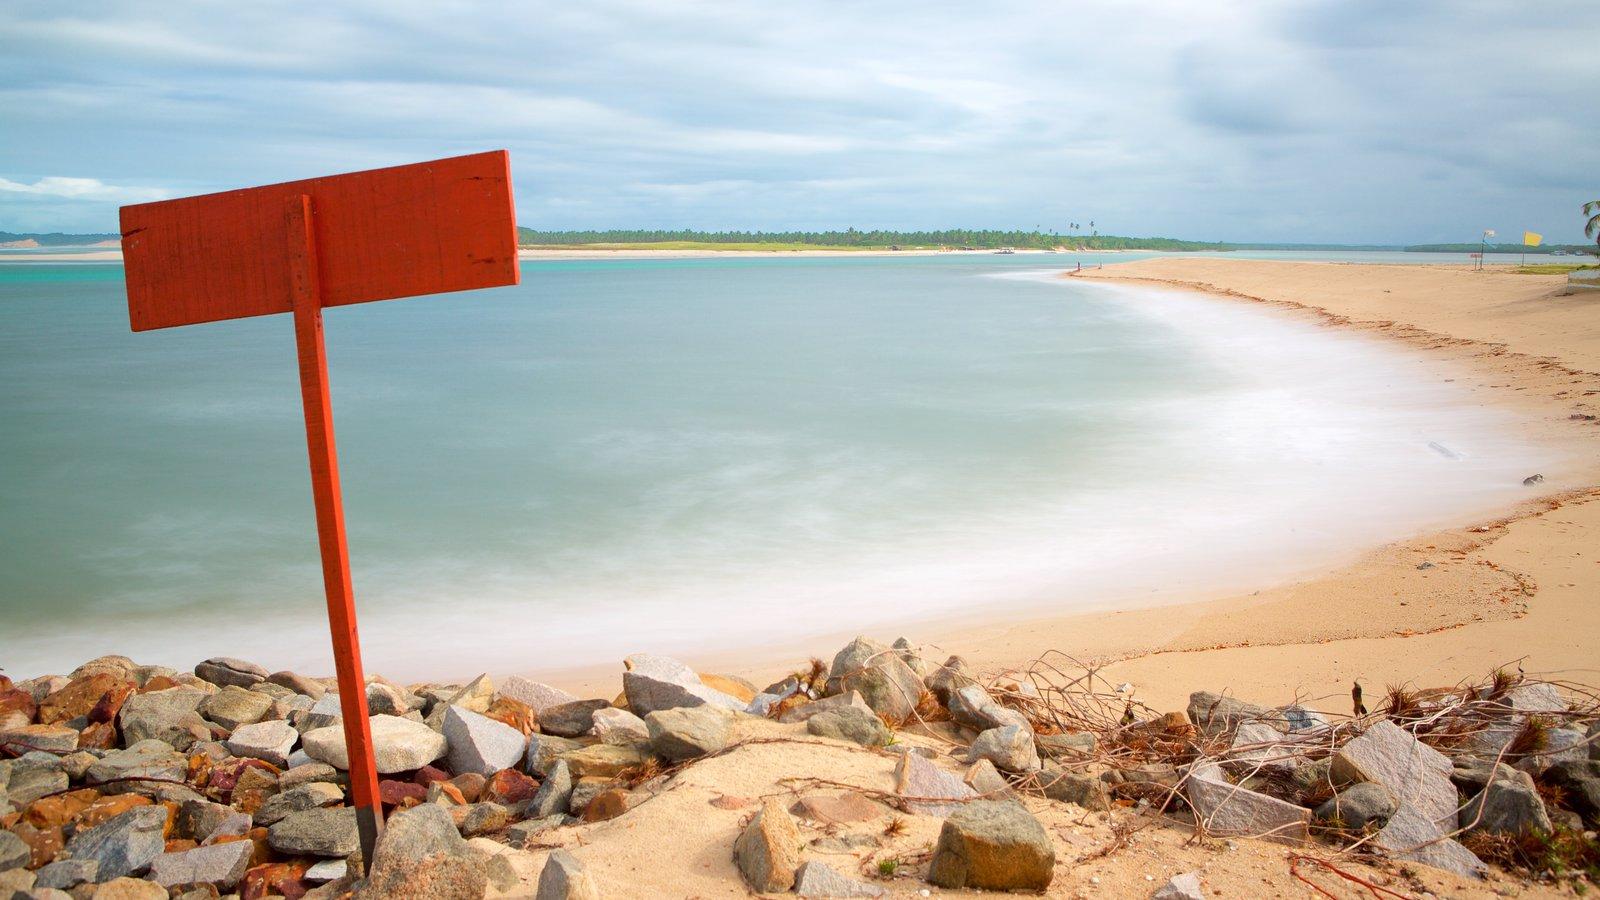 Barra do Cunhaú caracterizando paisagens litorâneas, uma praia de areia e litoral acidentado